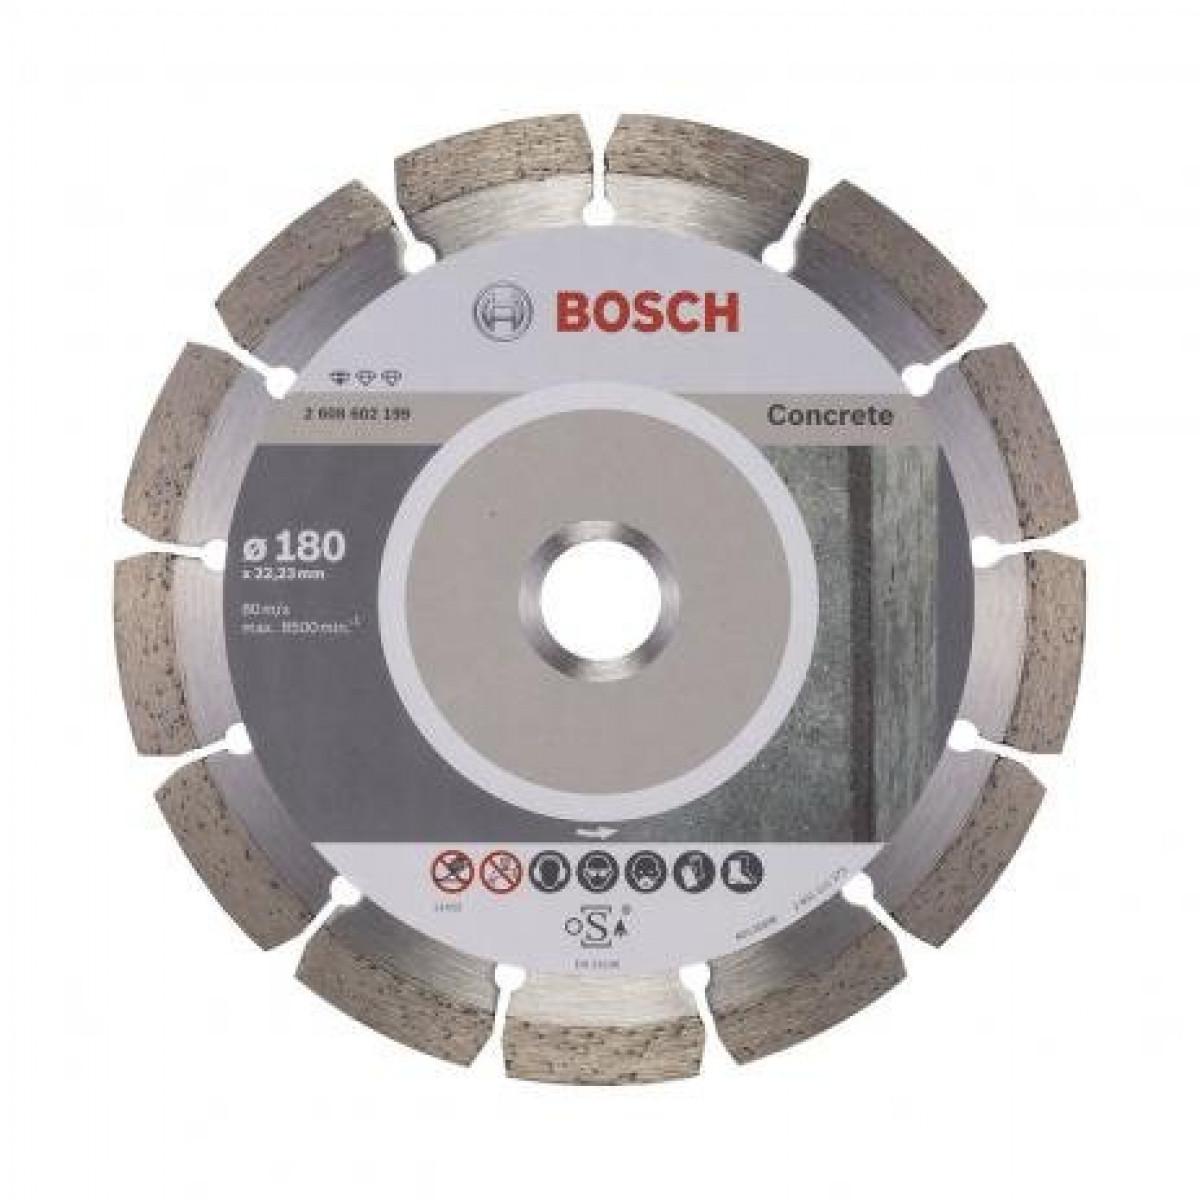 loja_soldamaq_produto_Disco Diamantado_ Concreto_Bosch